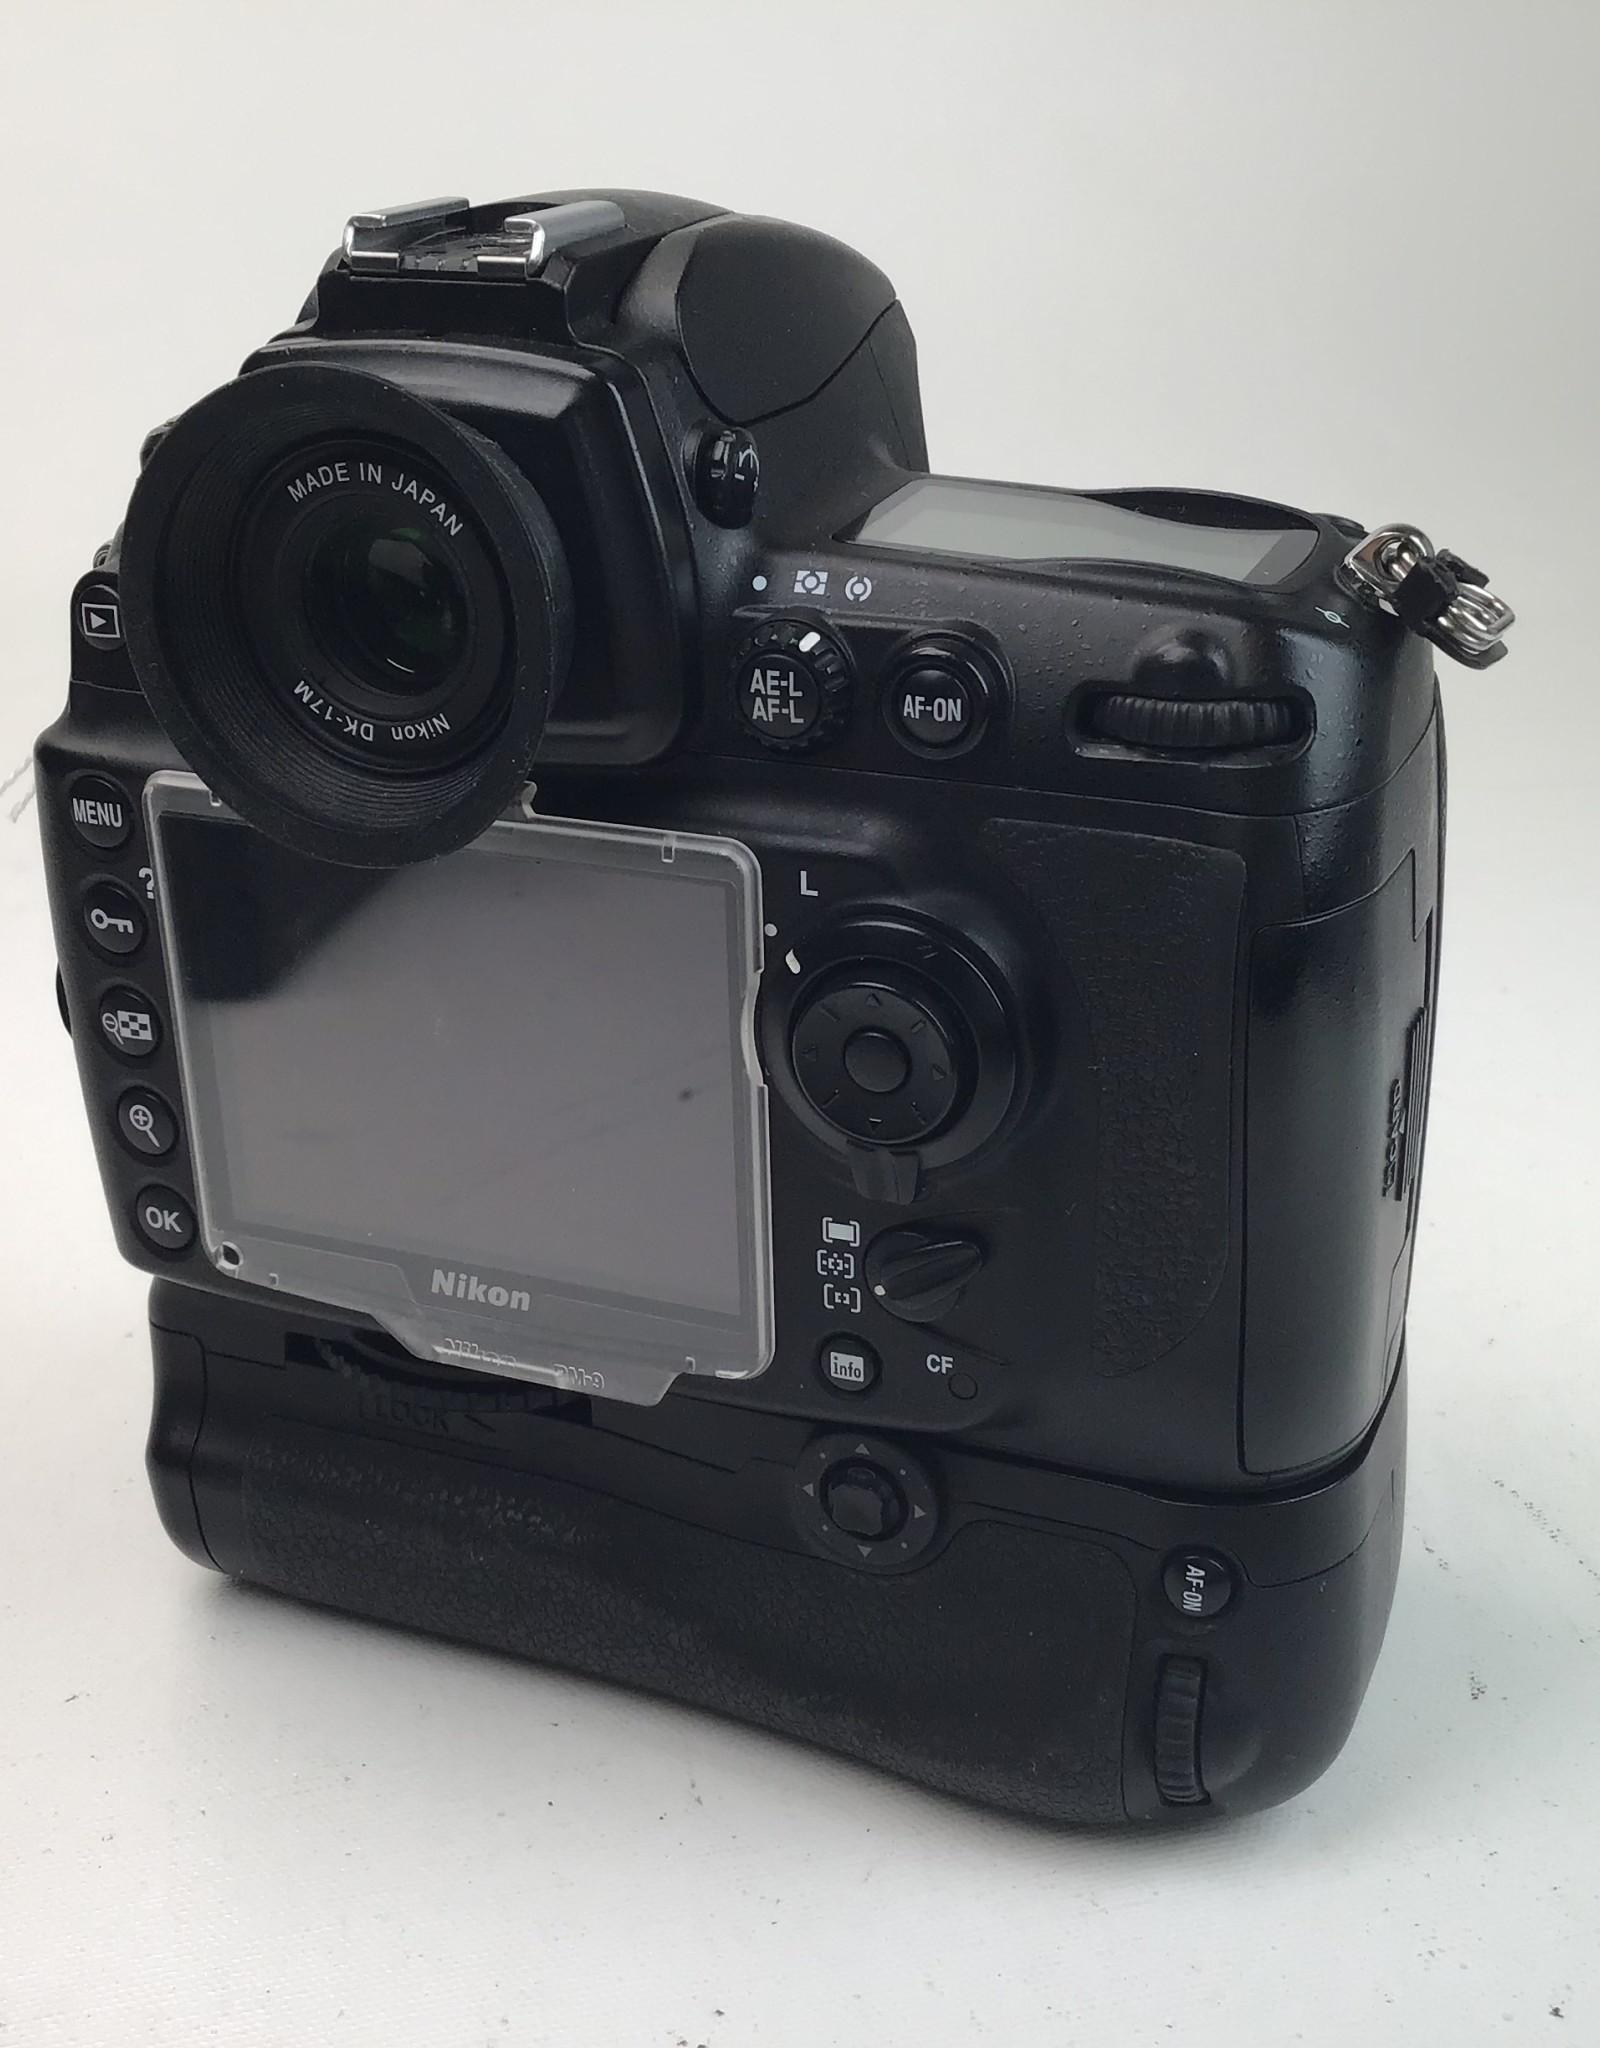 NIKON Nikon D700 Camera with MB-D10, EN-EL4, MH-21 Used Good